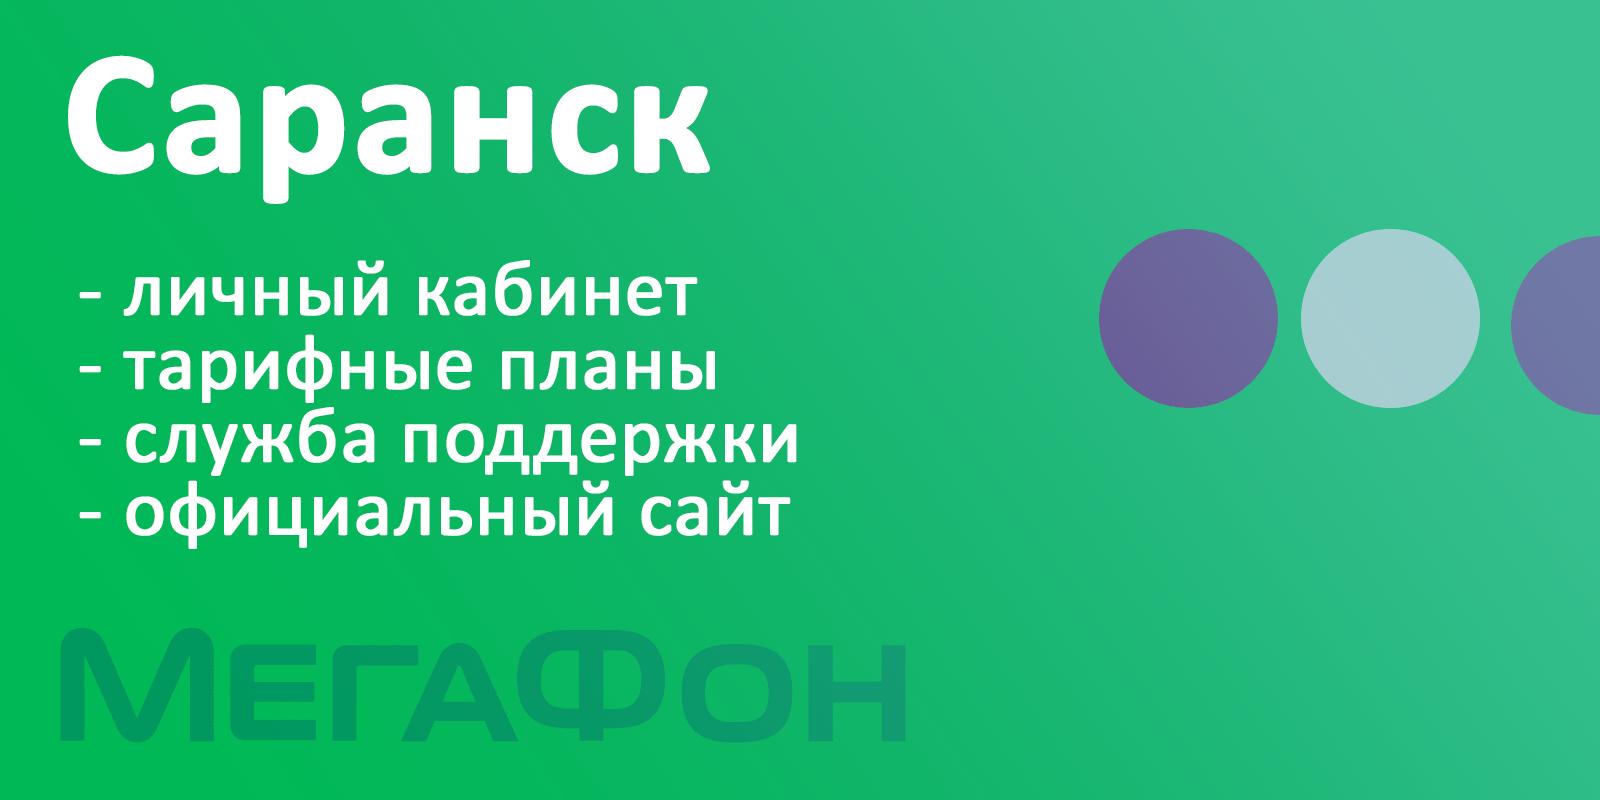 МегаФон Саранск - тарифы, официальный сайт, личный кабинет